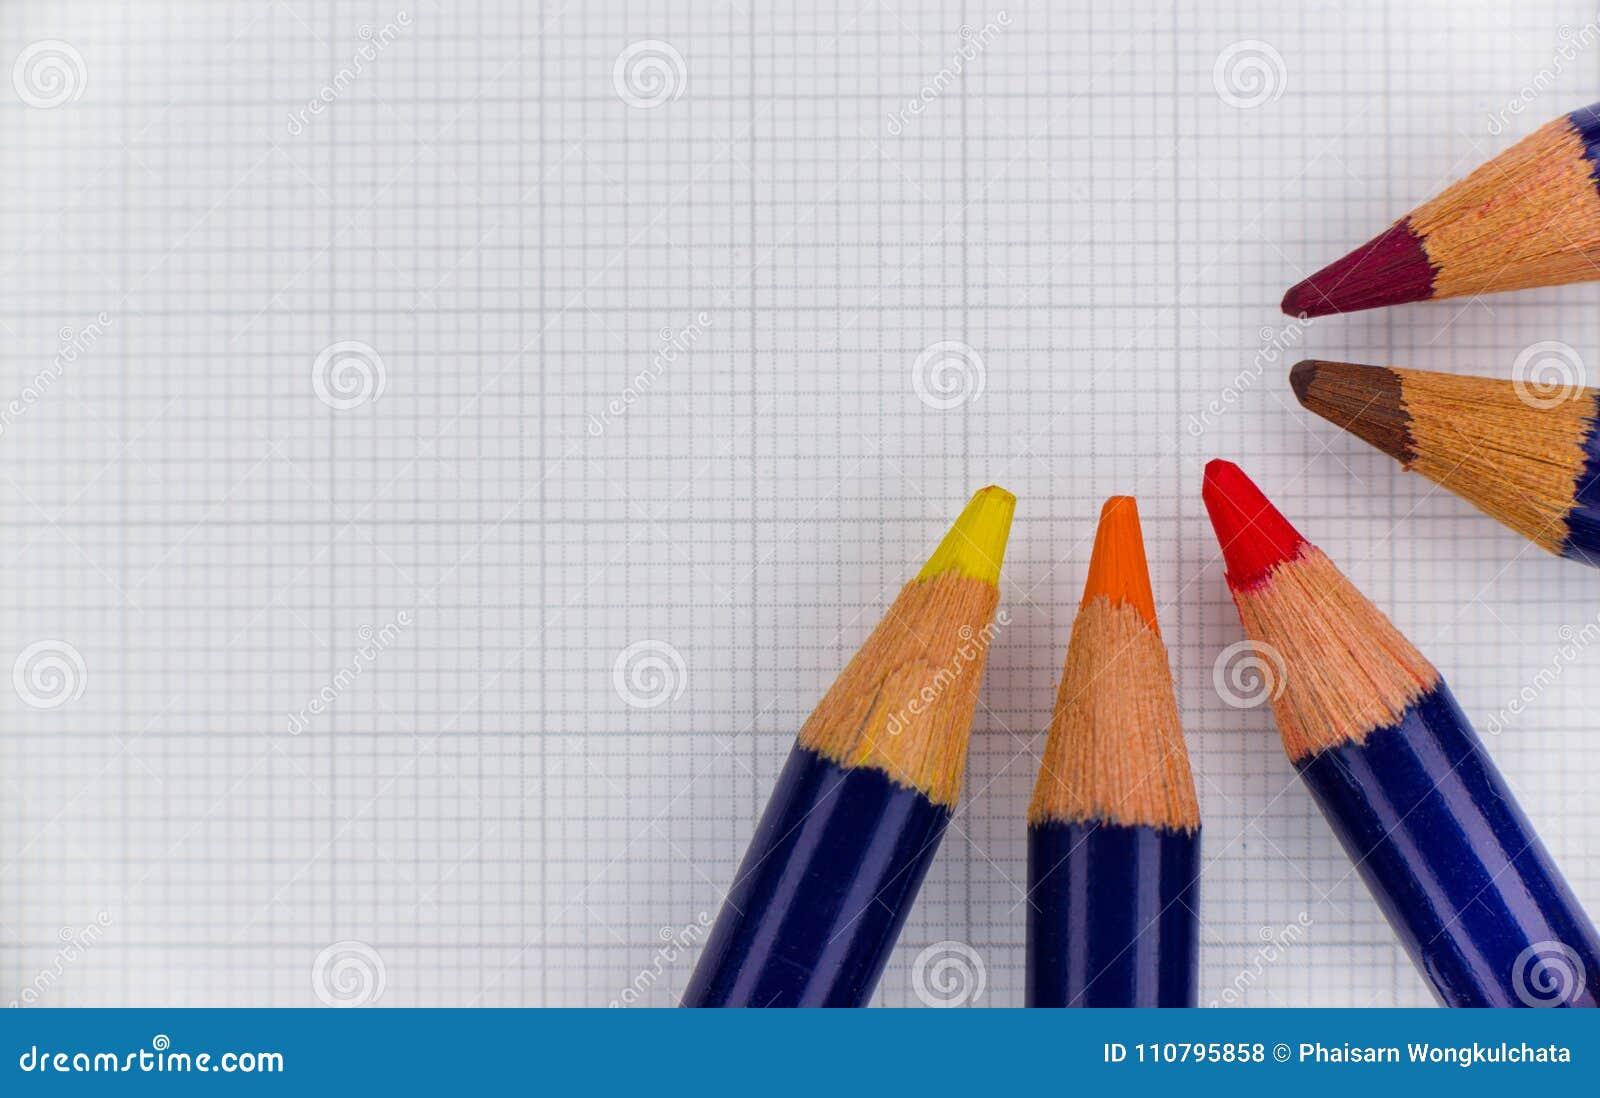 El color de madera alineó el semicírculo con el papel como contexto